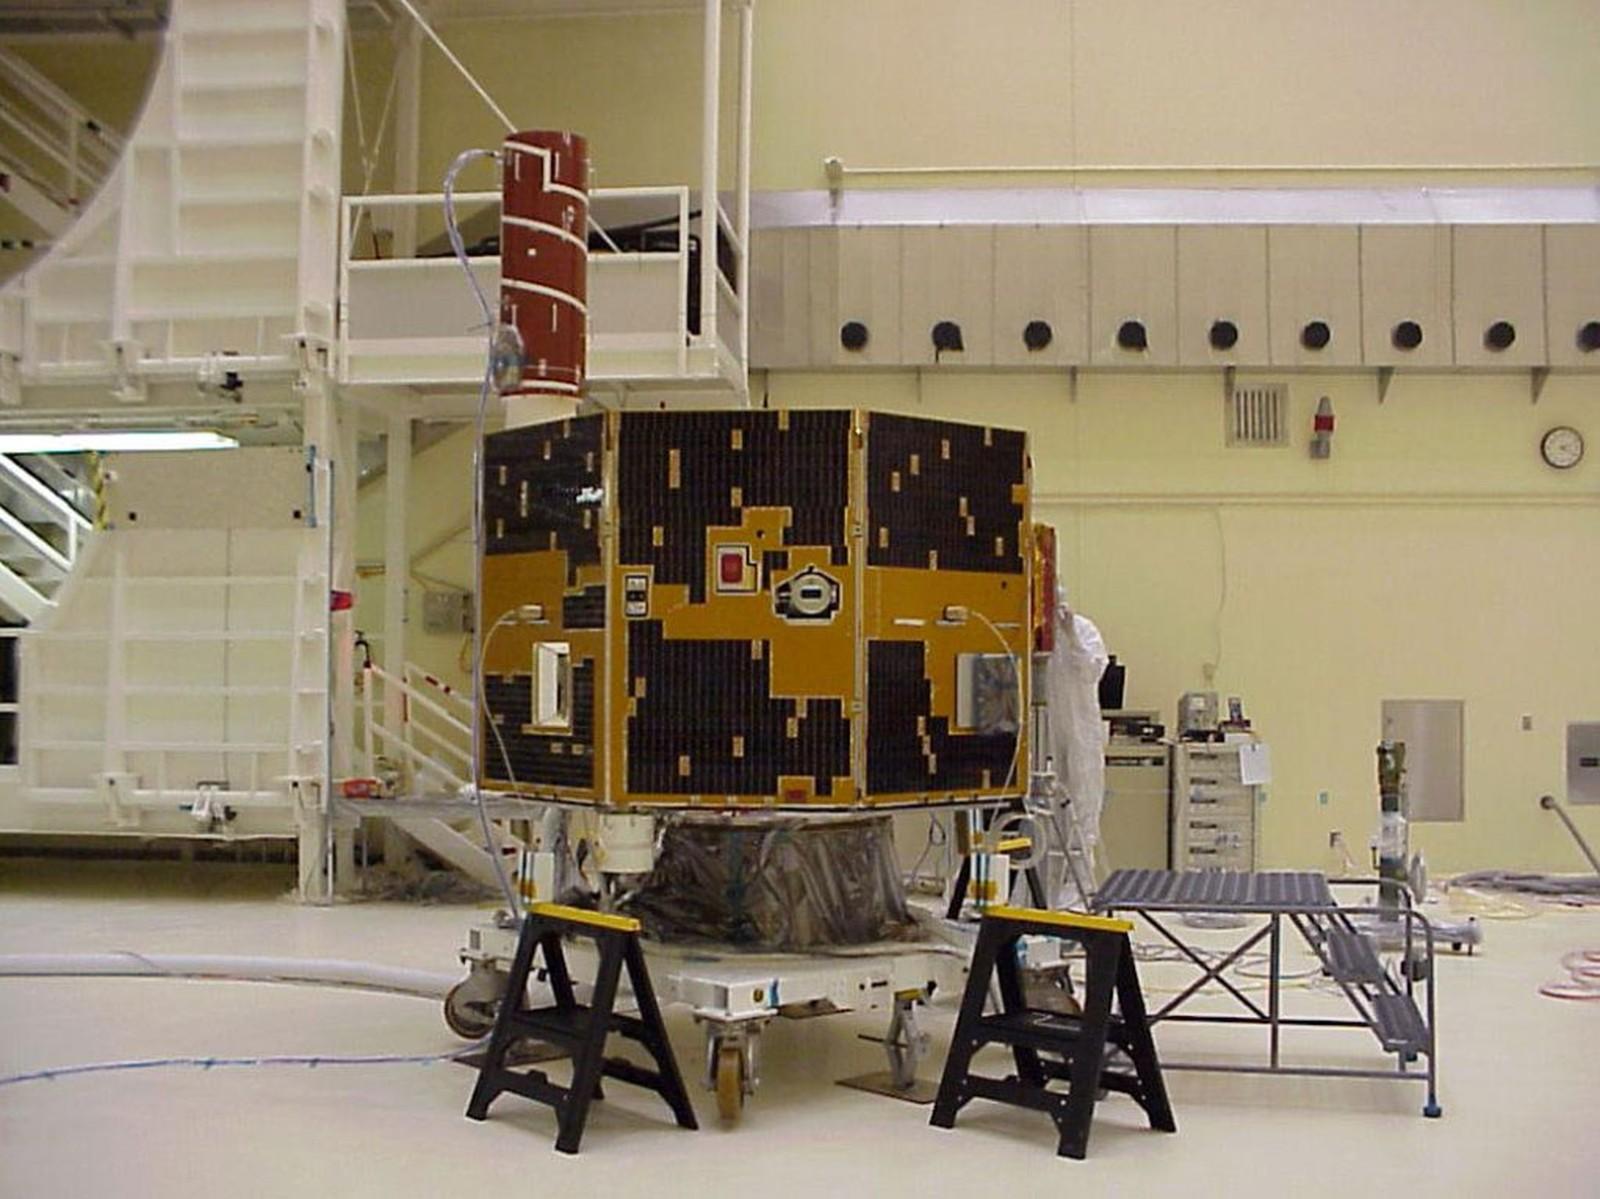 Astrónomo amador descobre satélite que estava perdido há 12 anos no espaço